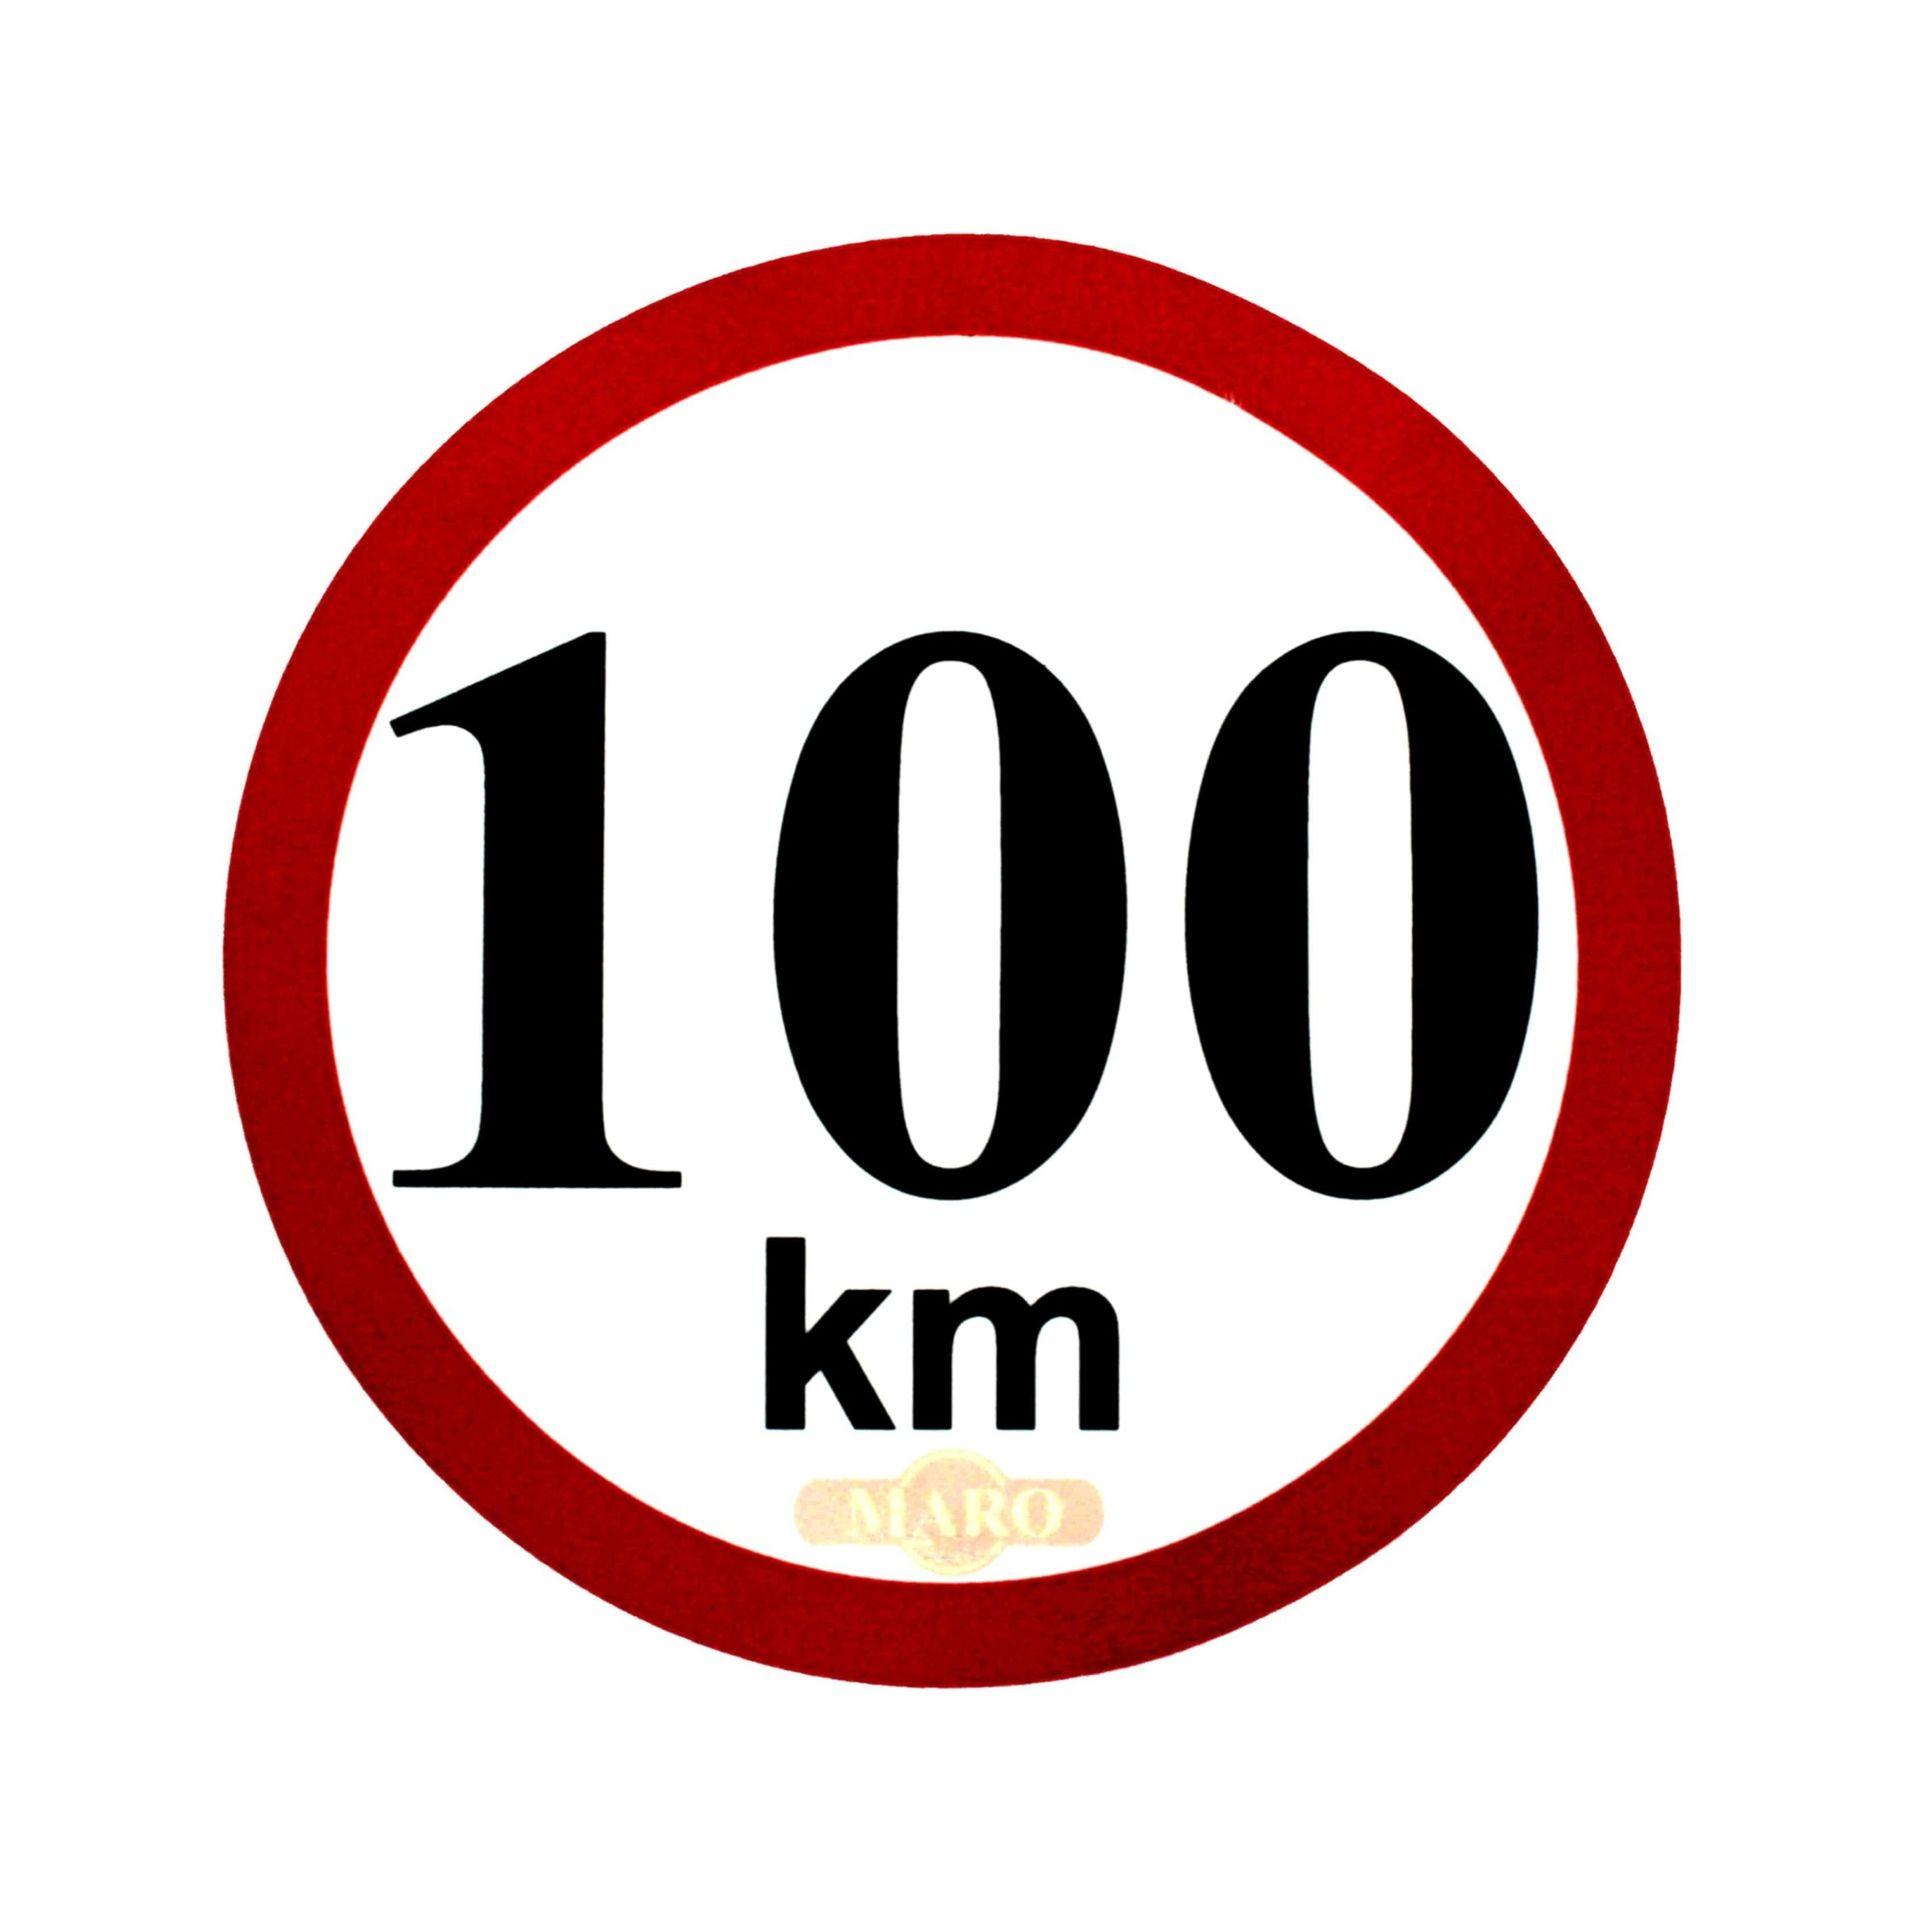 Omezení rychlosti 100 km/h